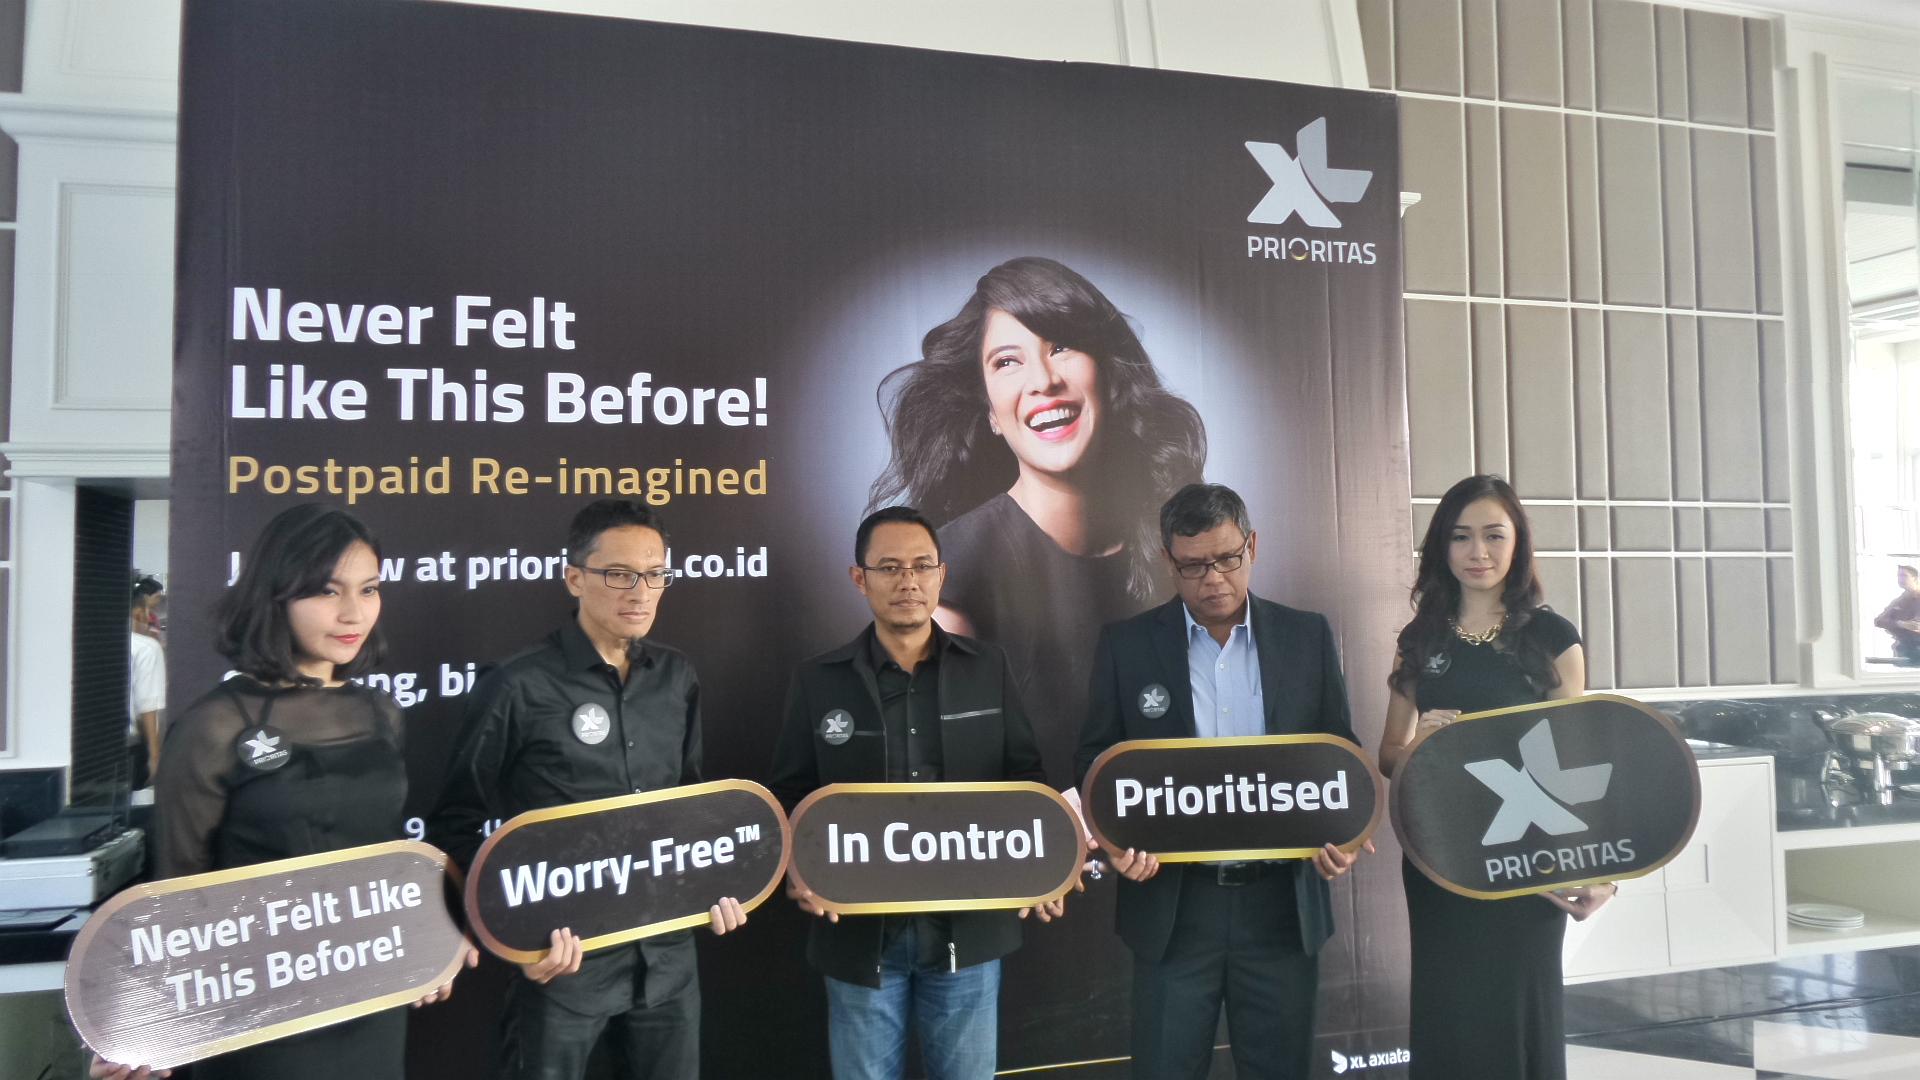 5 Keunggulan XL Prioritas sebagai Paket Internet Pasca Bayar